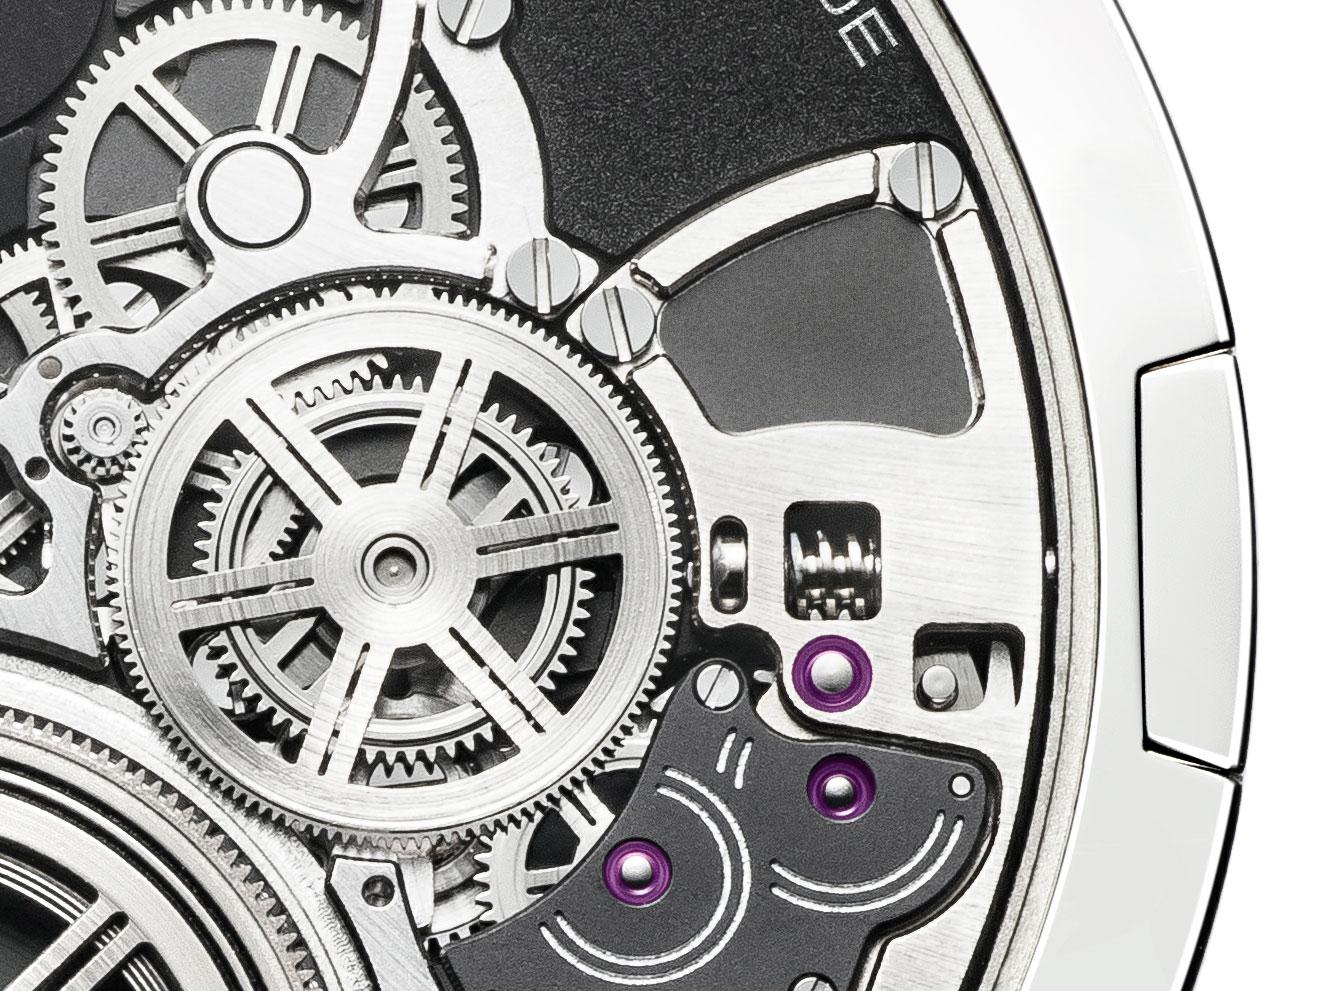 Dispositivo control reloj más plano del mundo Altiplano Ultimate Concept de Piaget